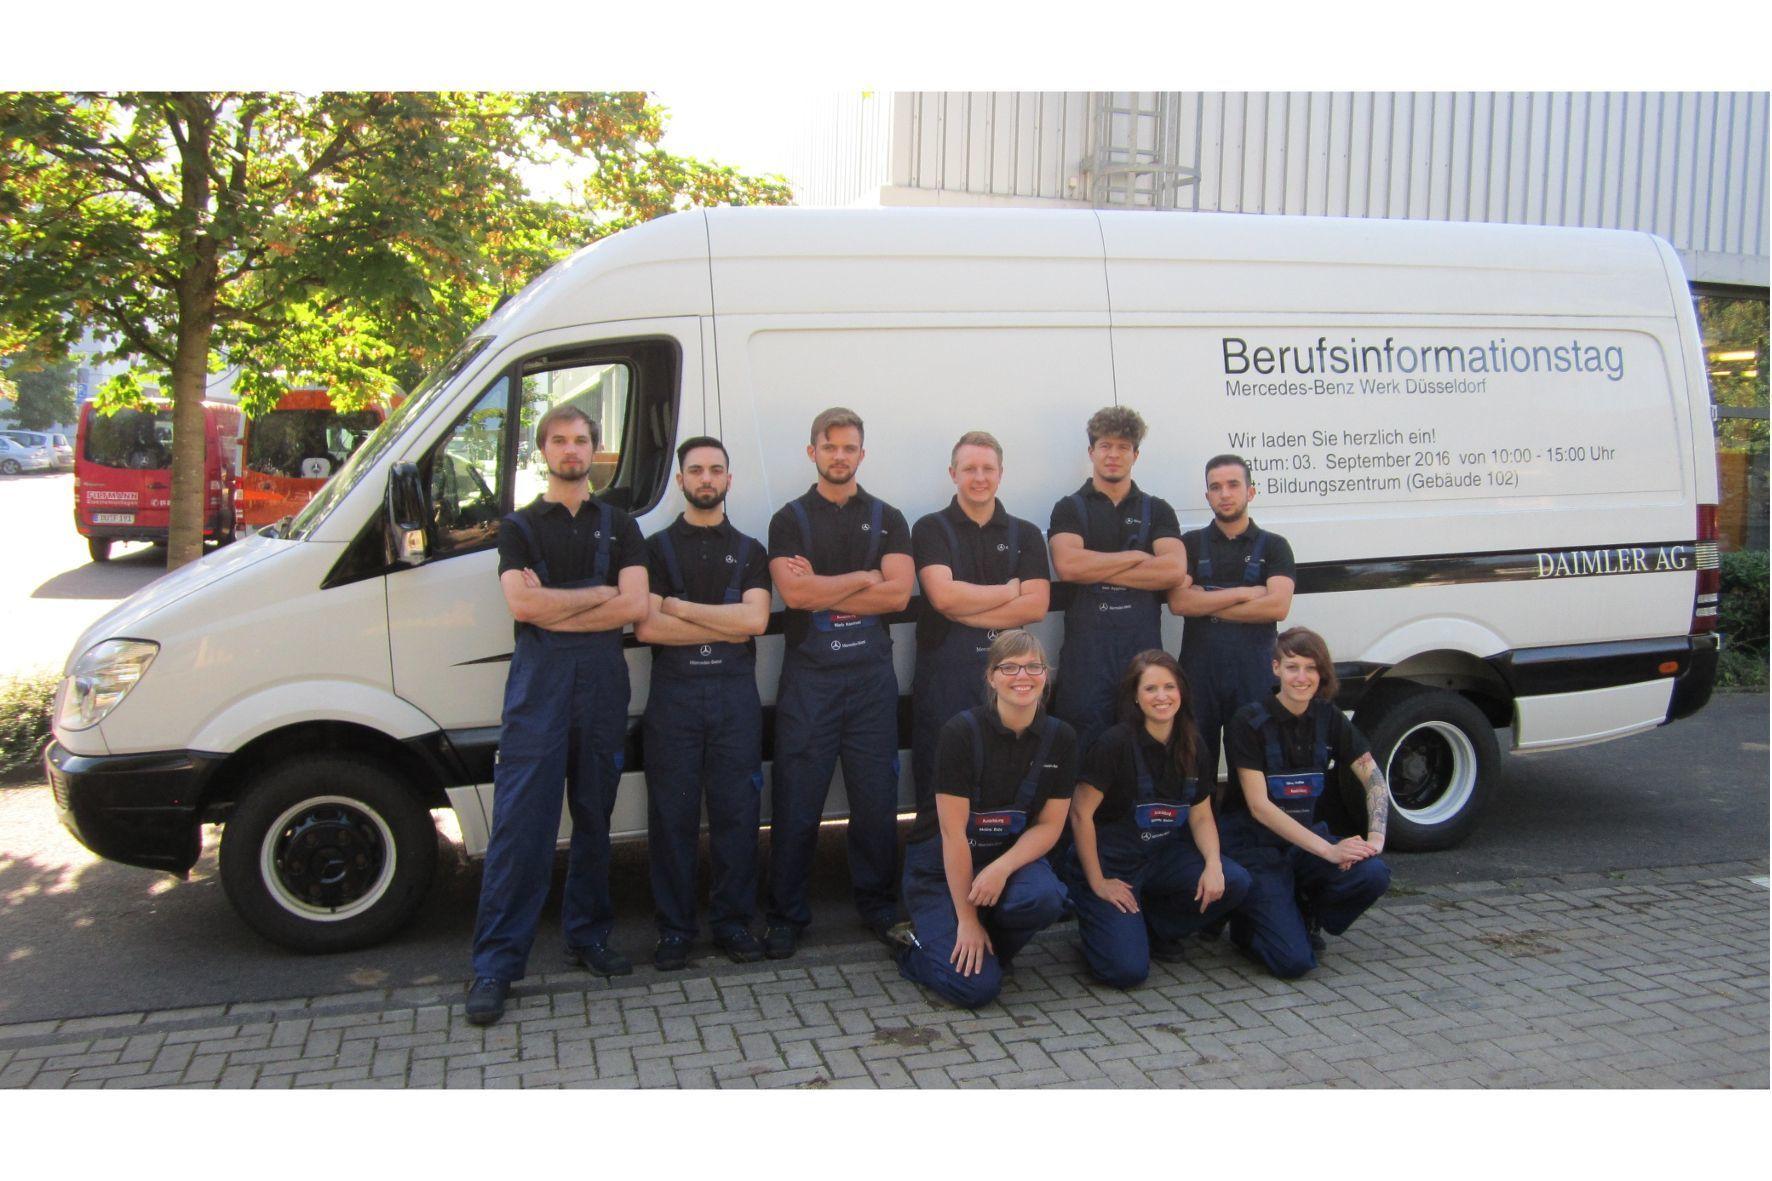 mid Groß-Gerau - Die Auszubildenden des Mercedes-Benz Werks Düsseldorf freuen sich bereits auf den Berufsinformations- und Bewerbertag.